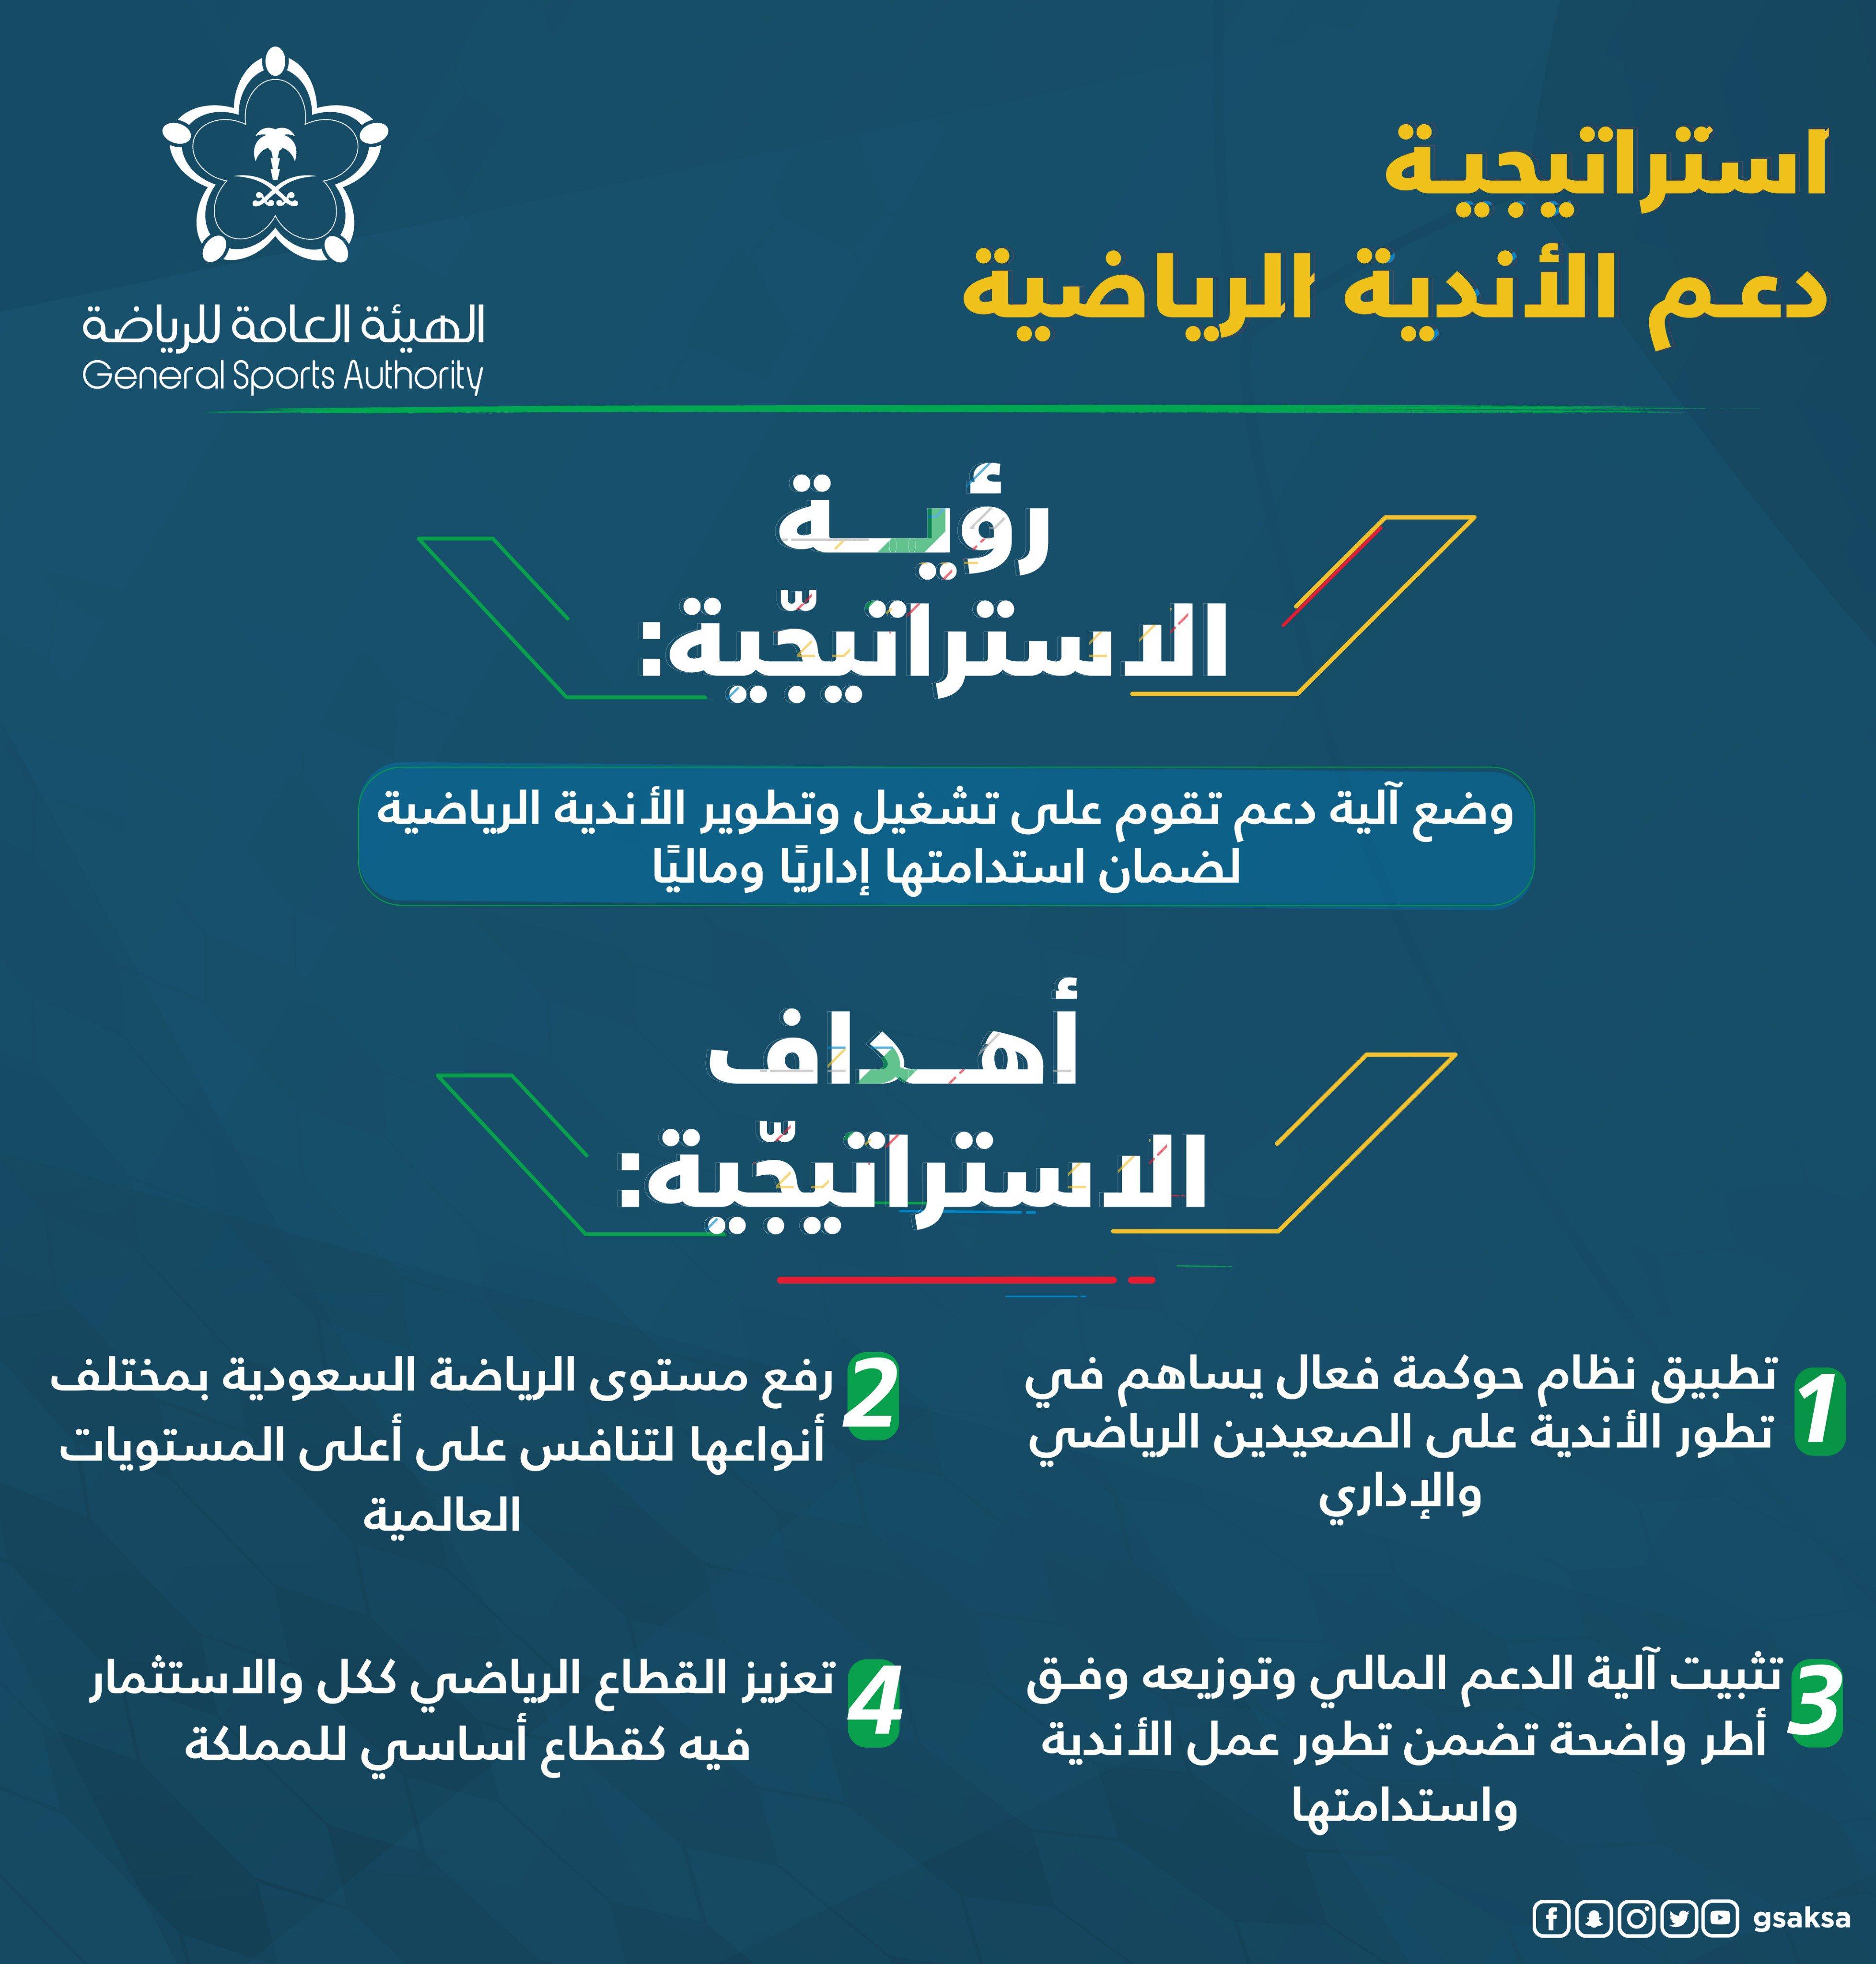 استراتيجية الرياضة السعودية